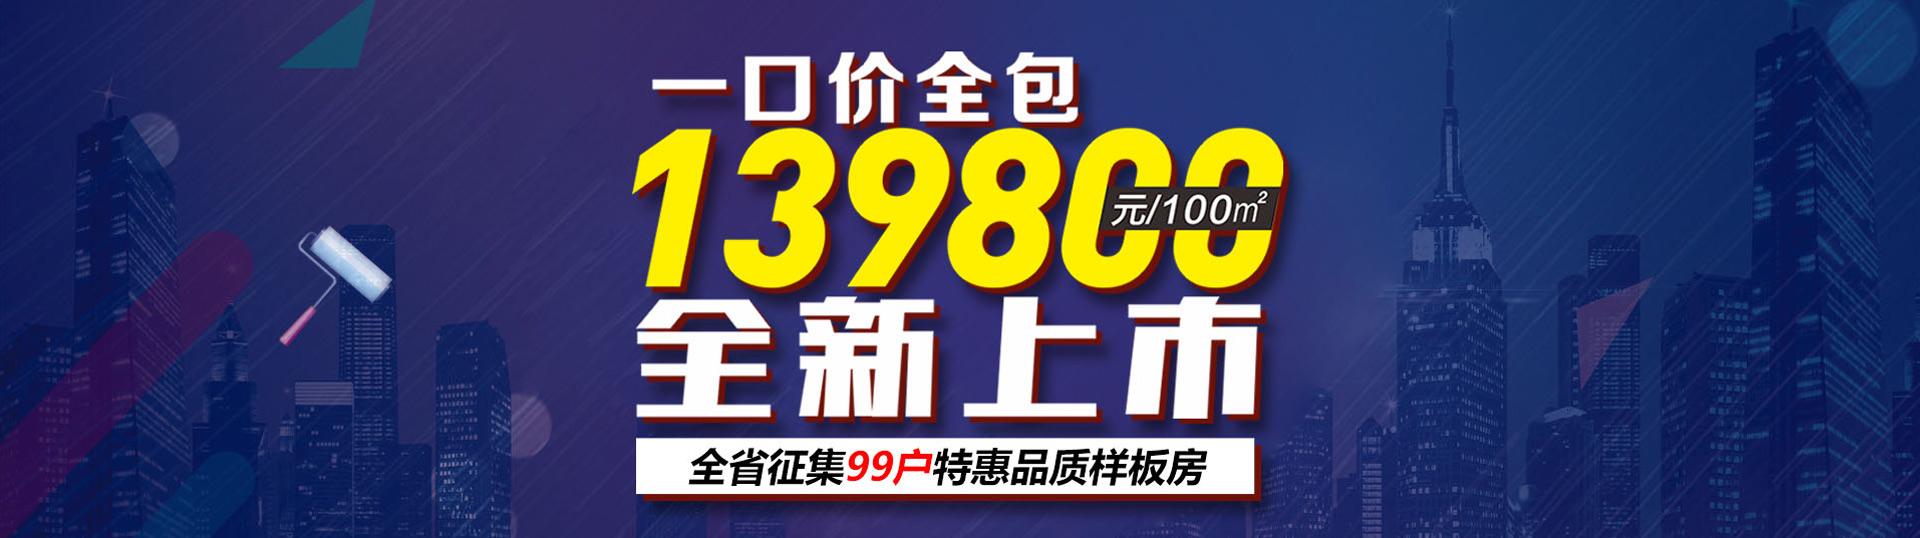 一口價全包139800/100平米全新上市